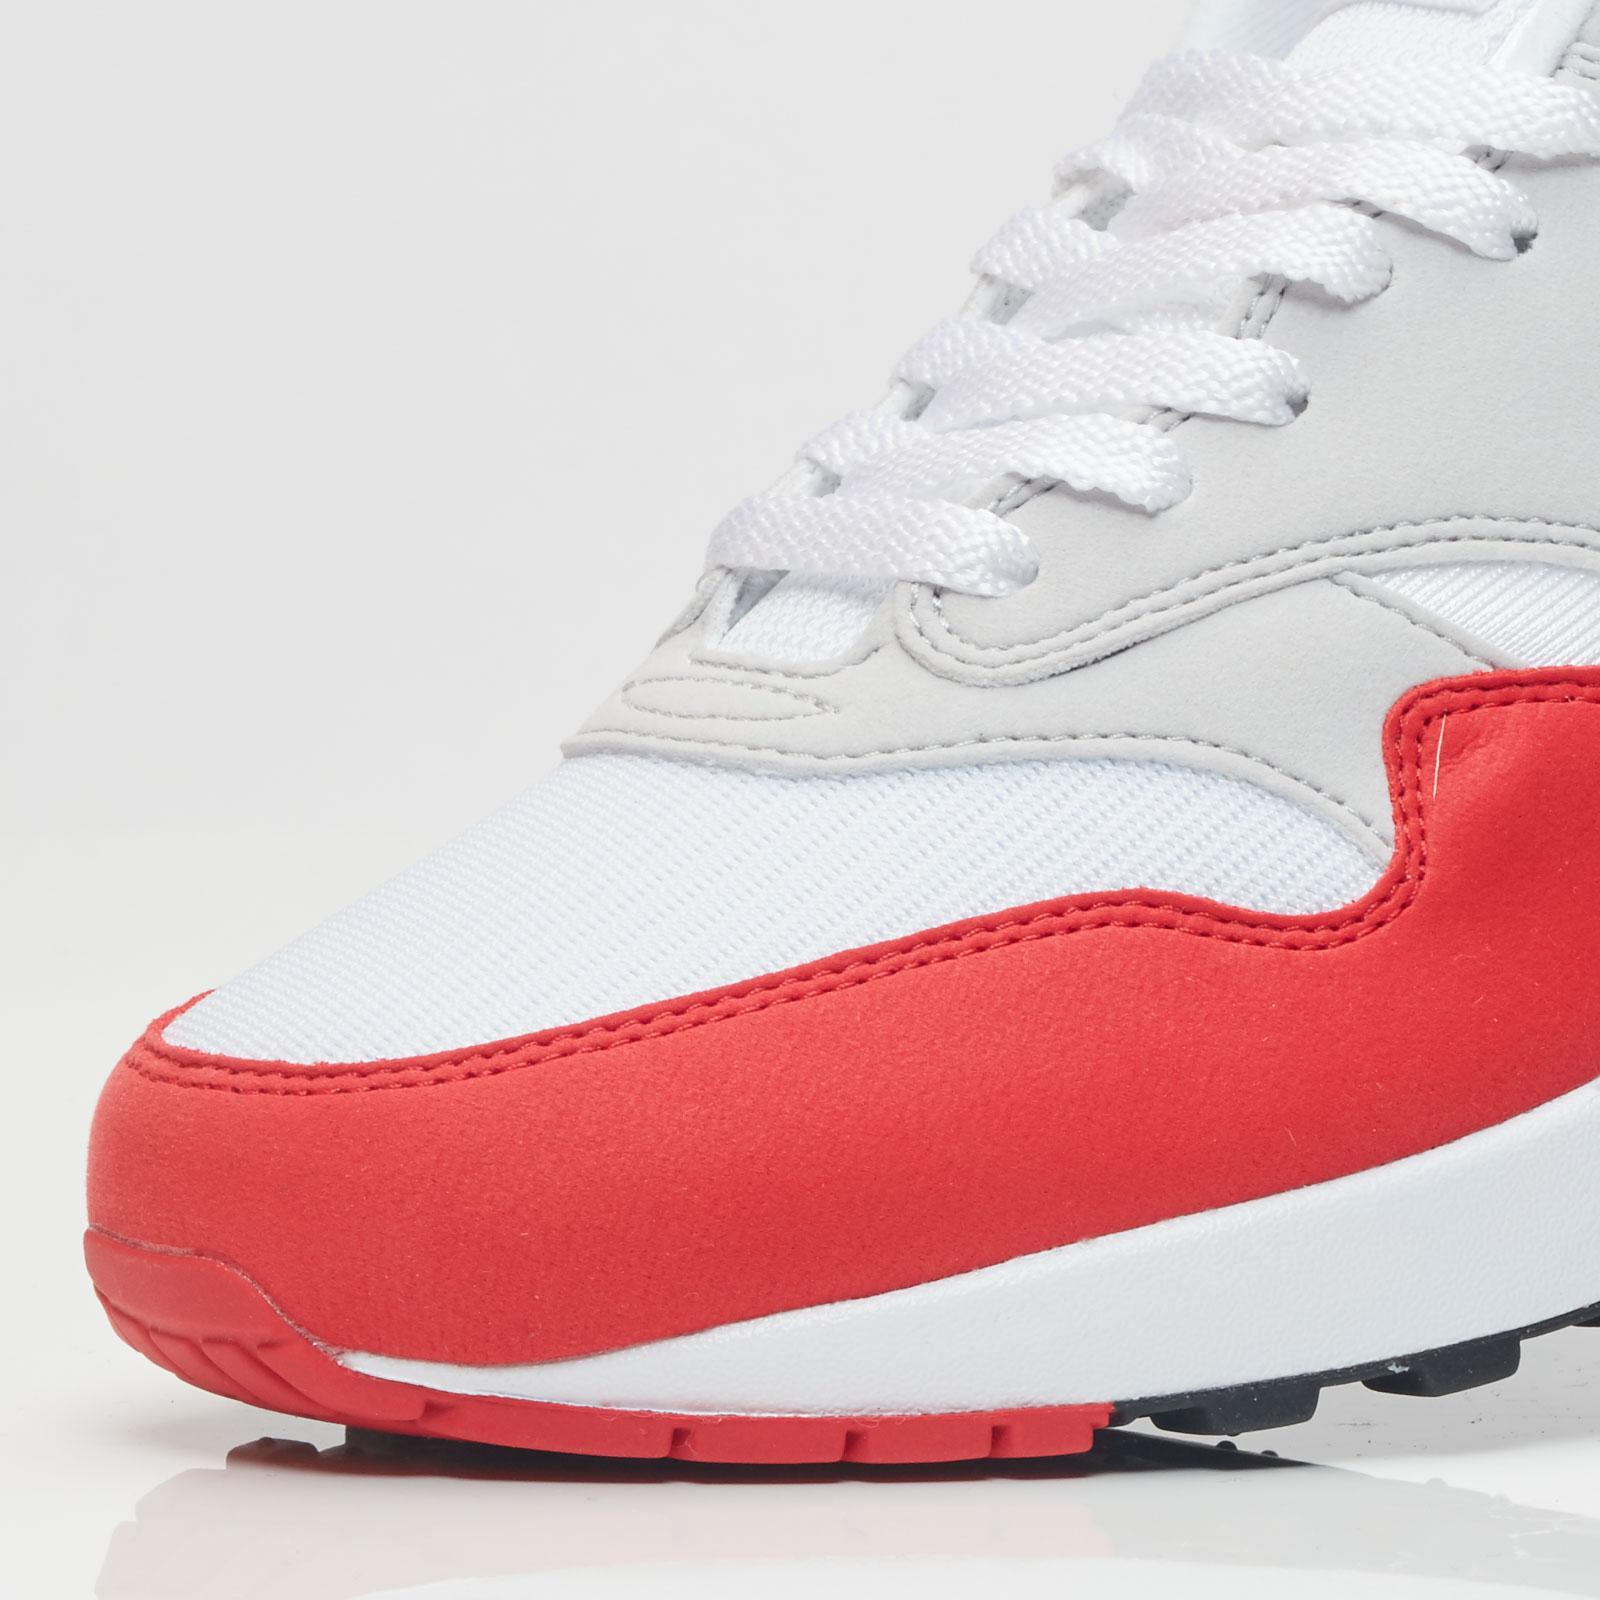 size 40 4db93 082f8 Nike Sportswear Air Max 1 Anniversary - 9. Close